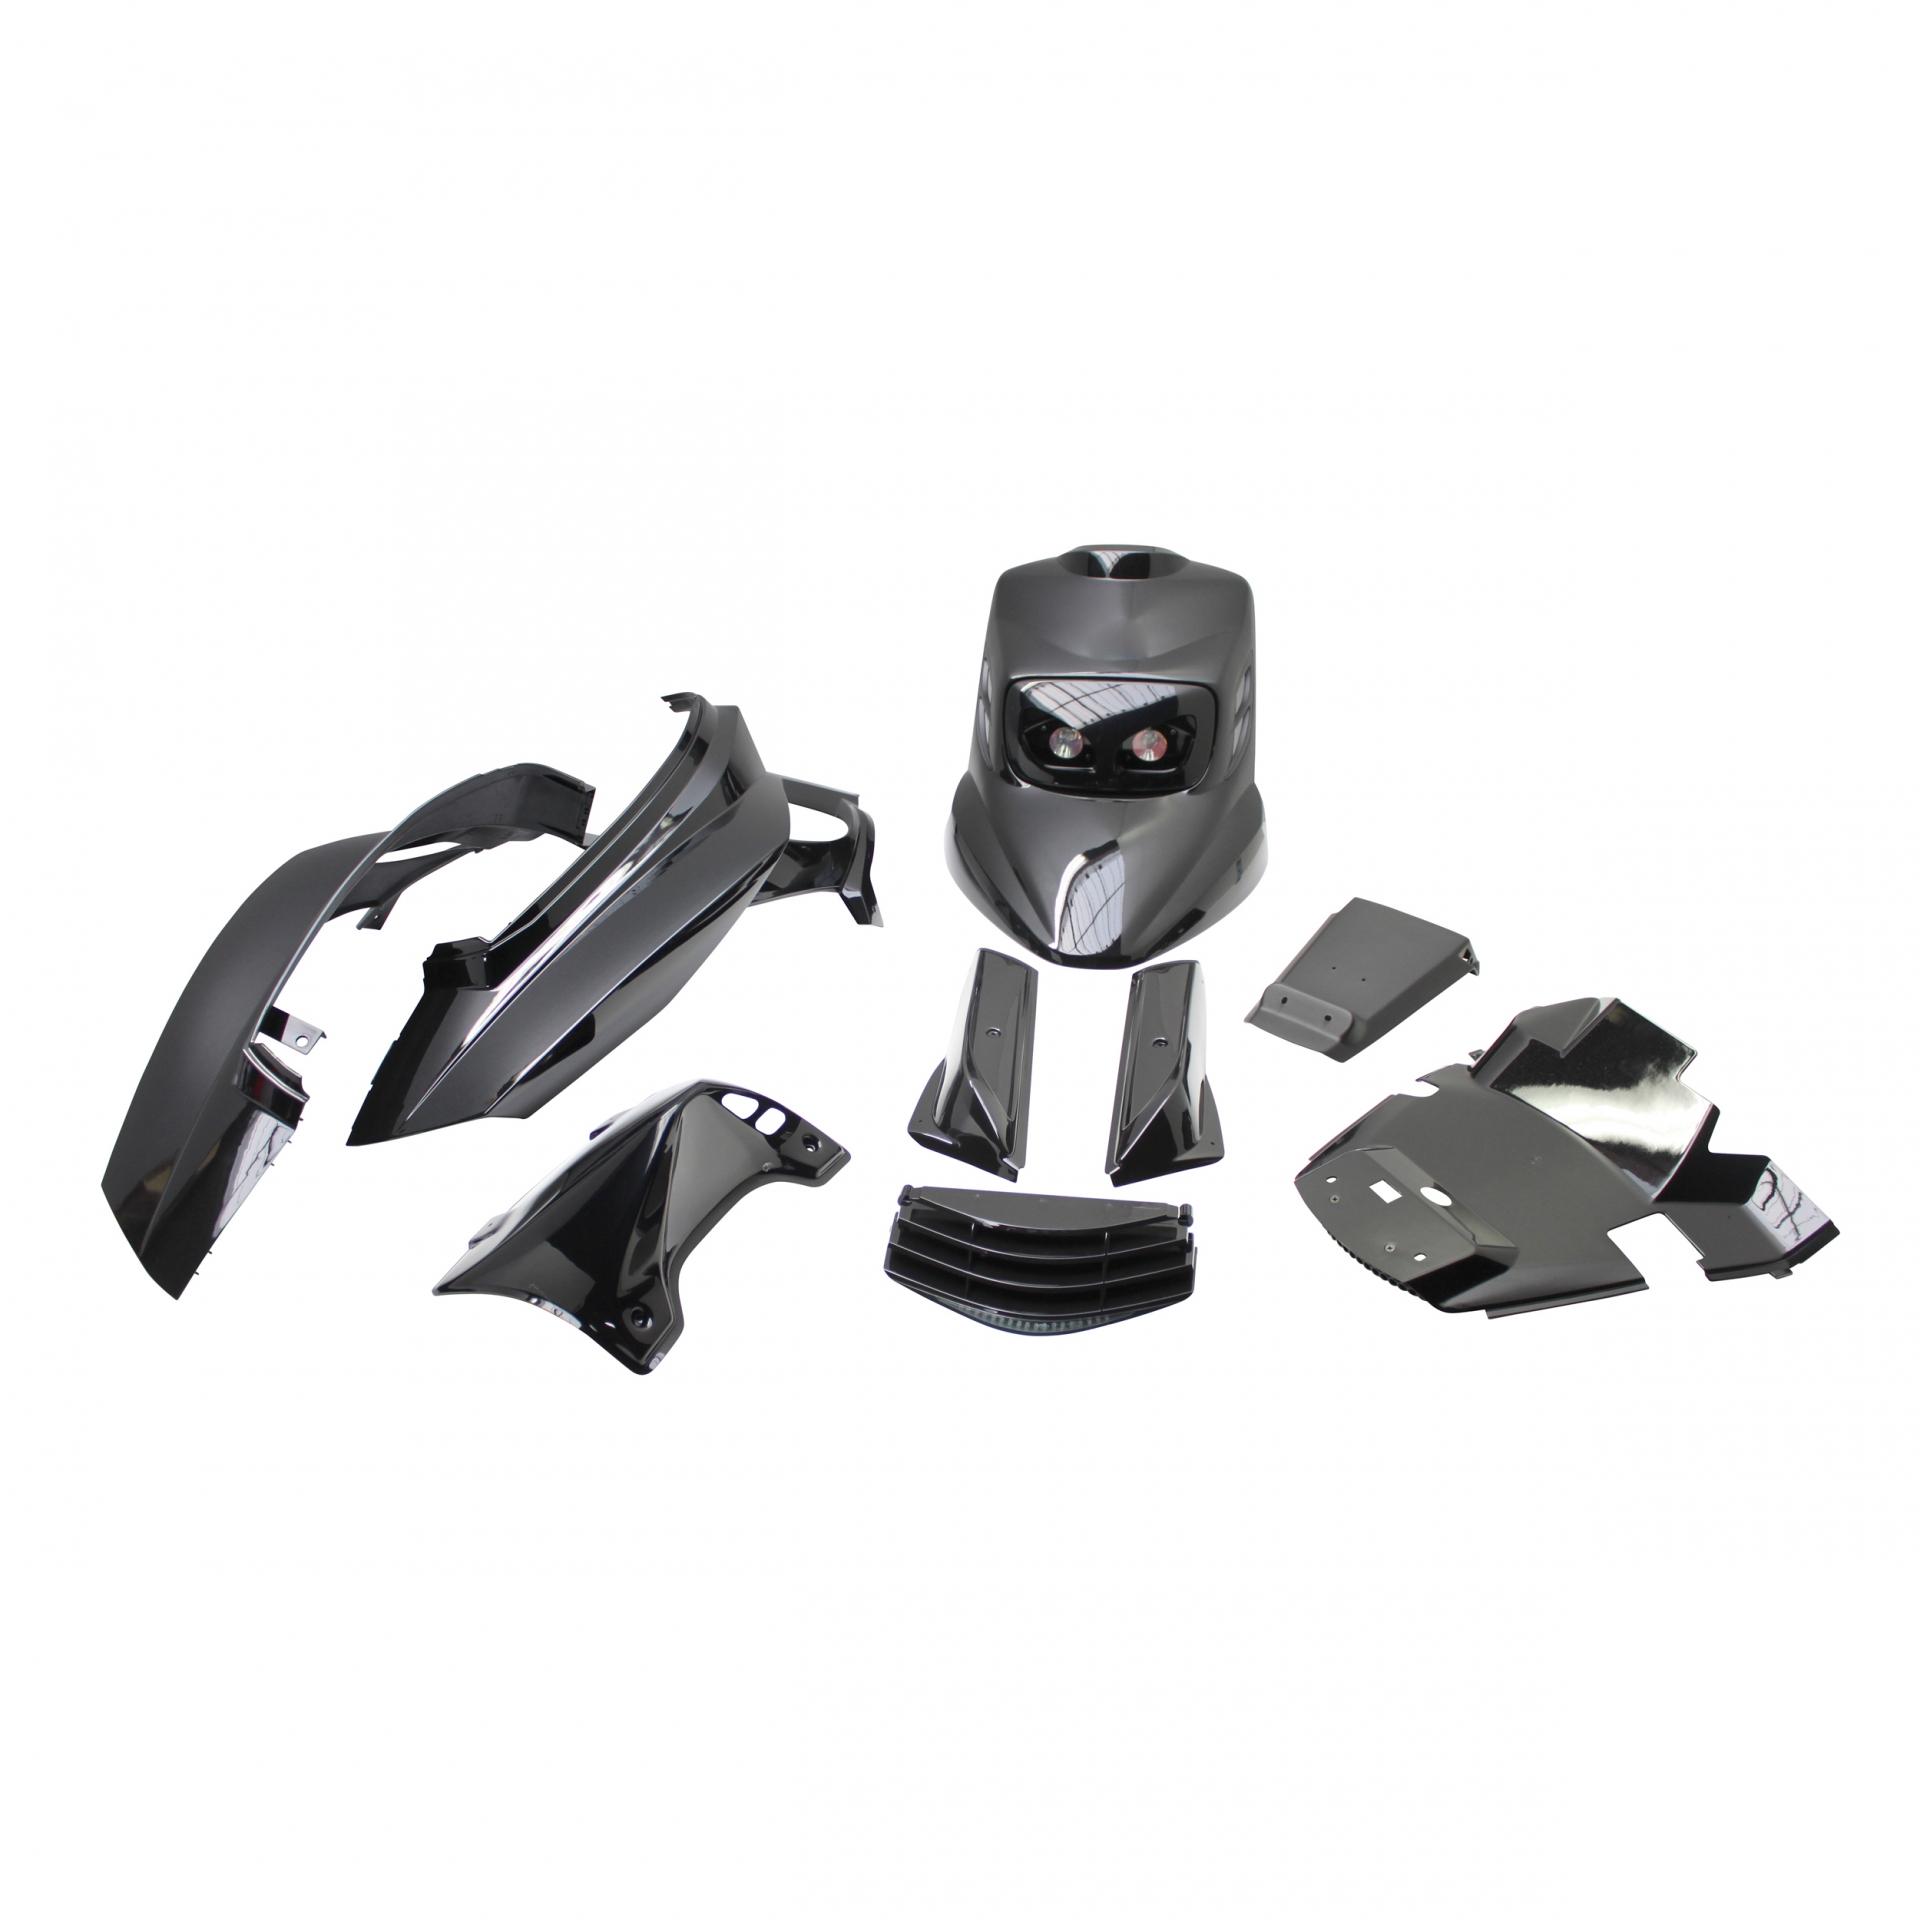 Kit habillage BCD v1 MBK Booster 04- - Noir